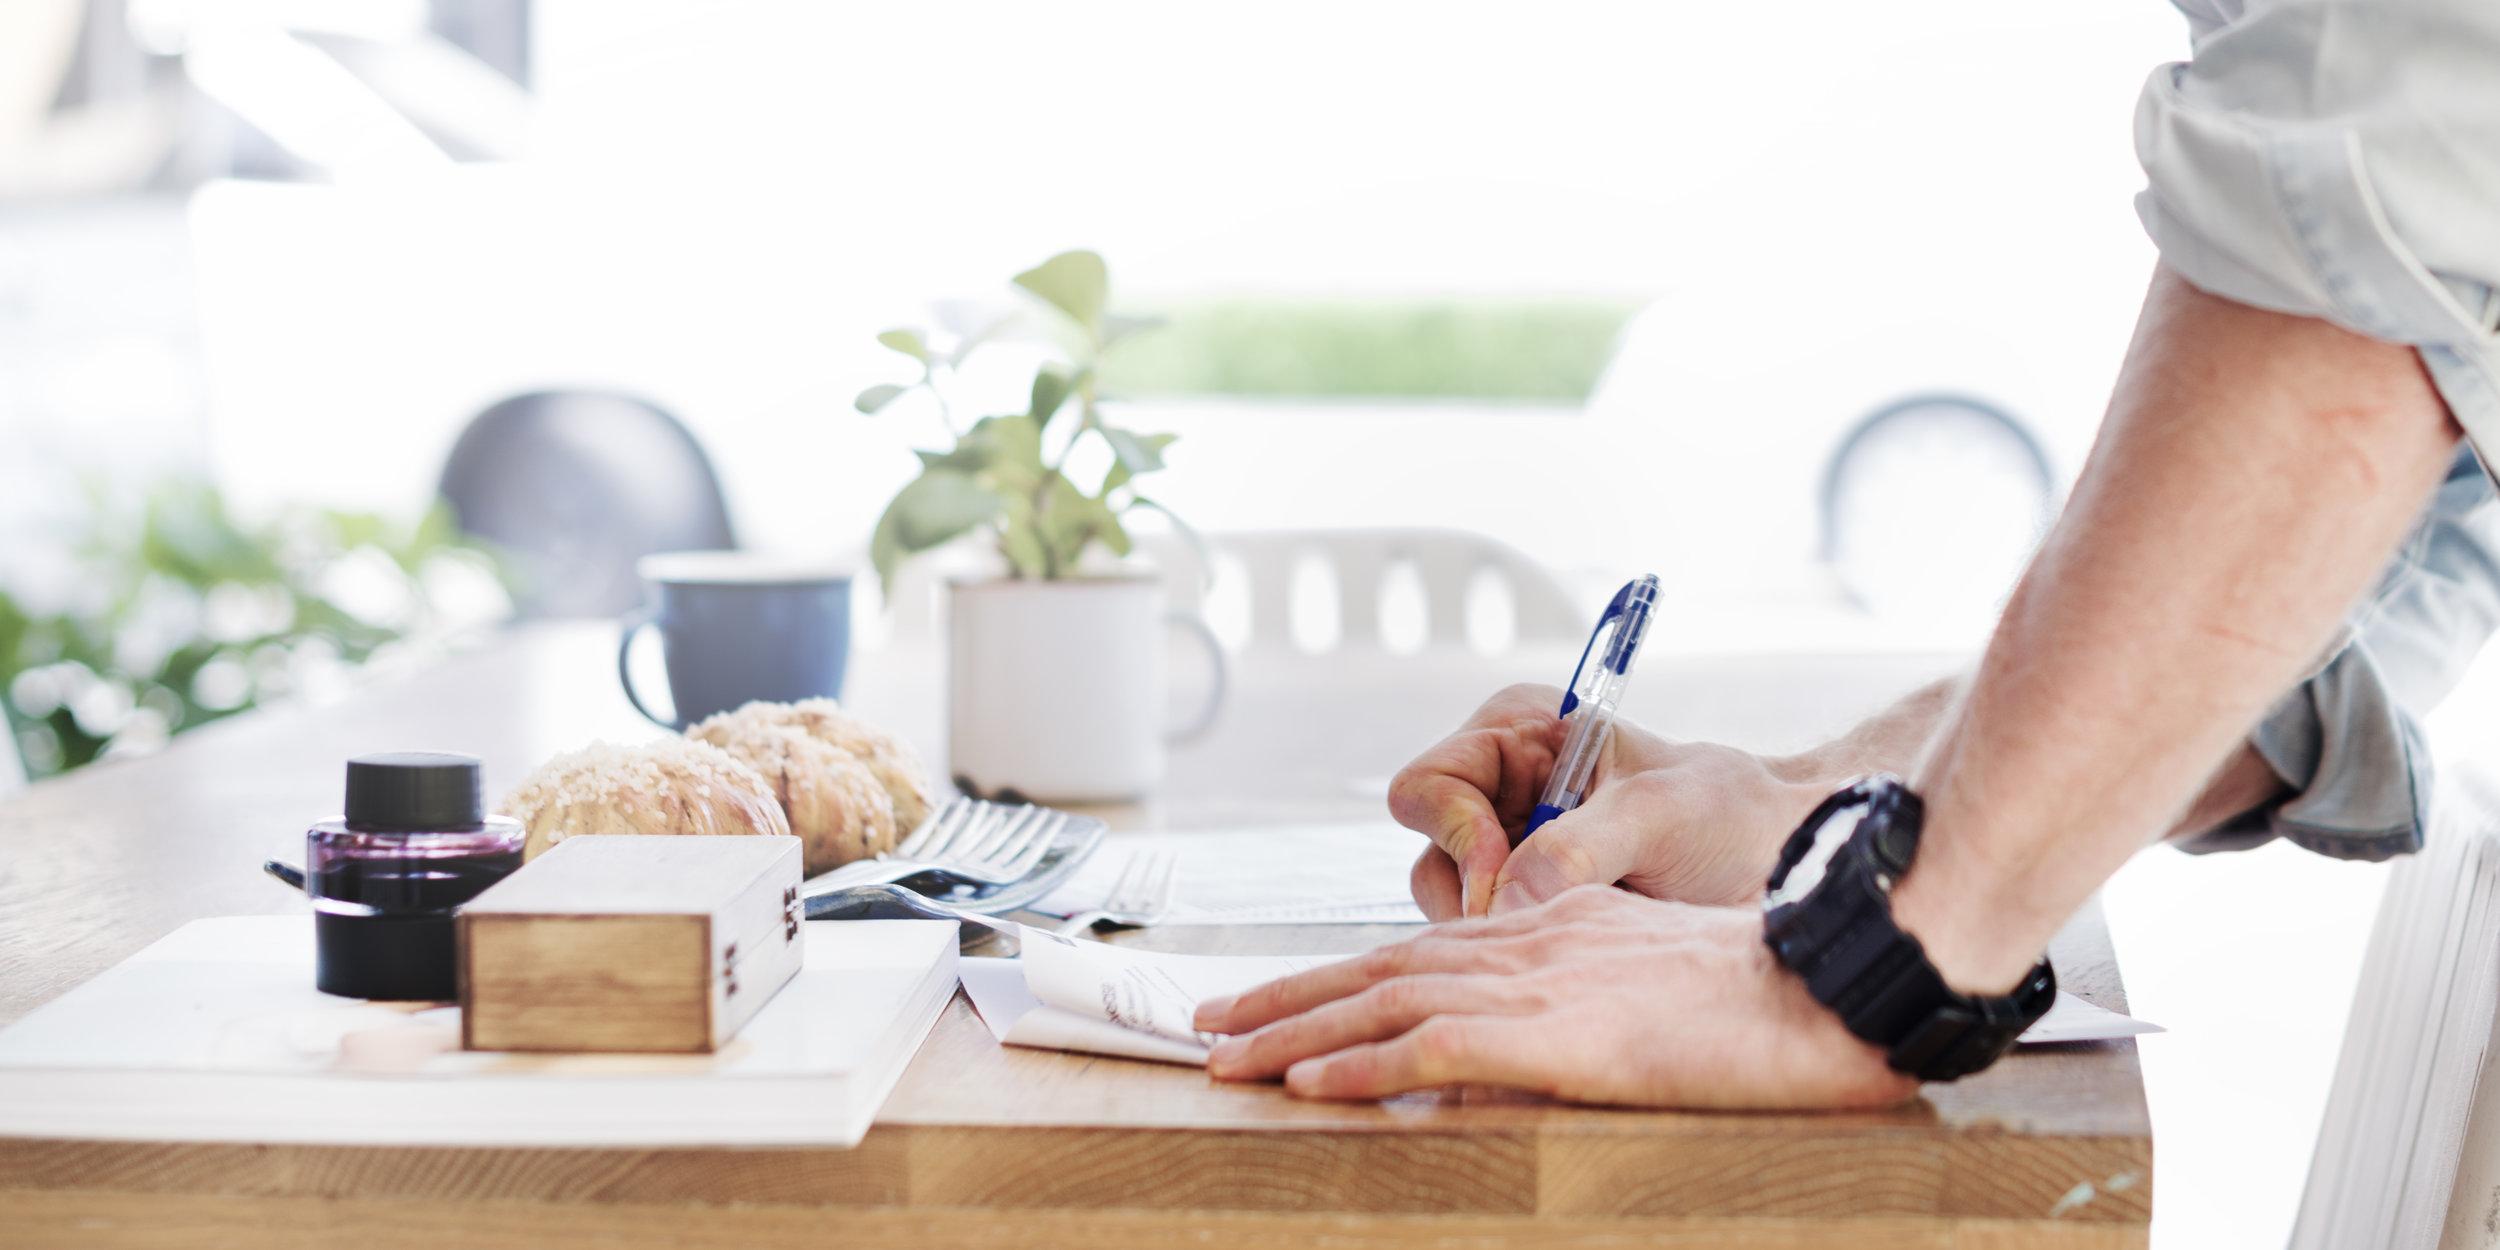 Paying bills and envelope budgeting